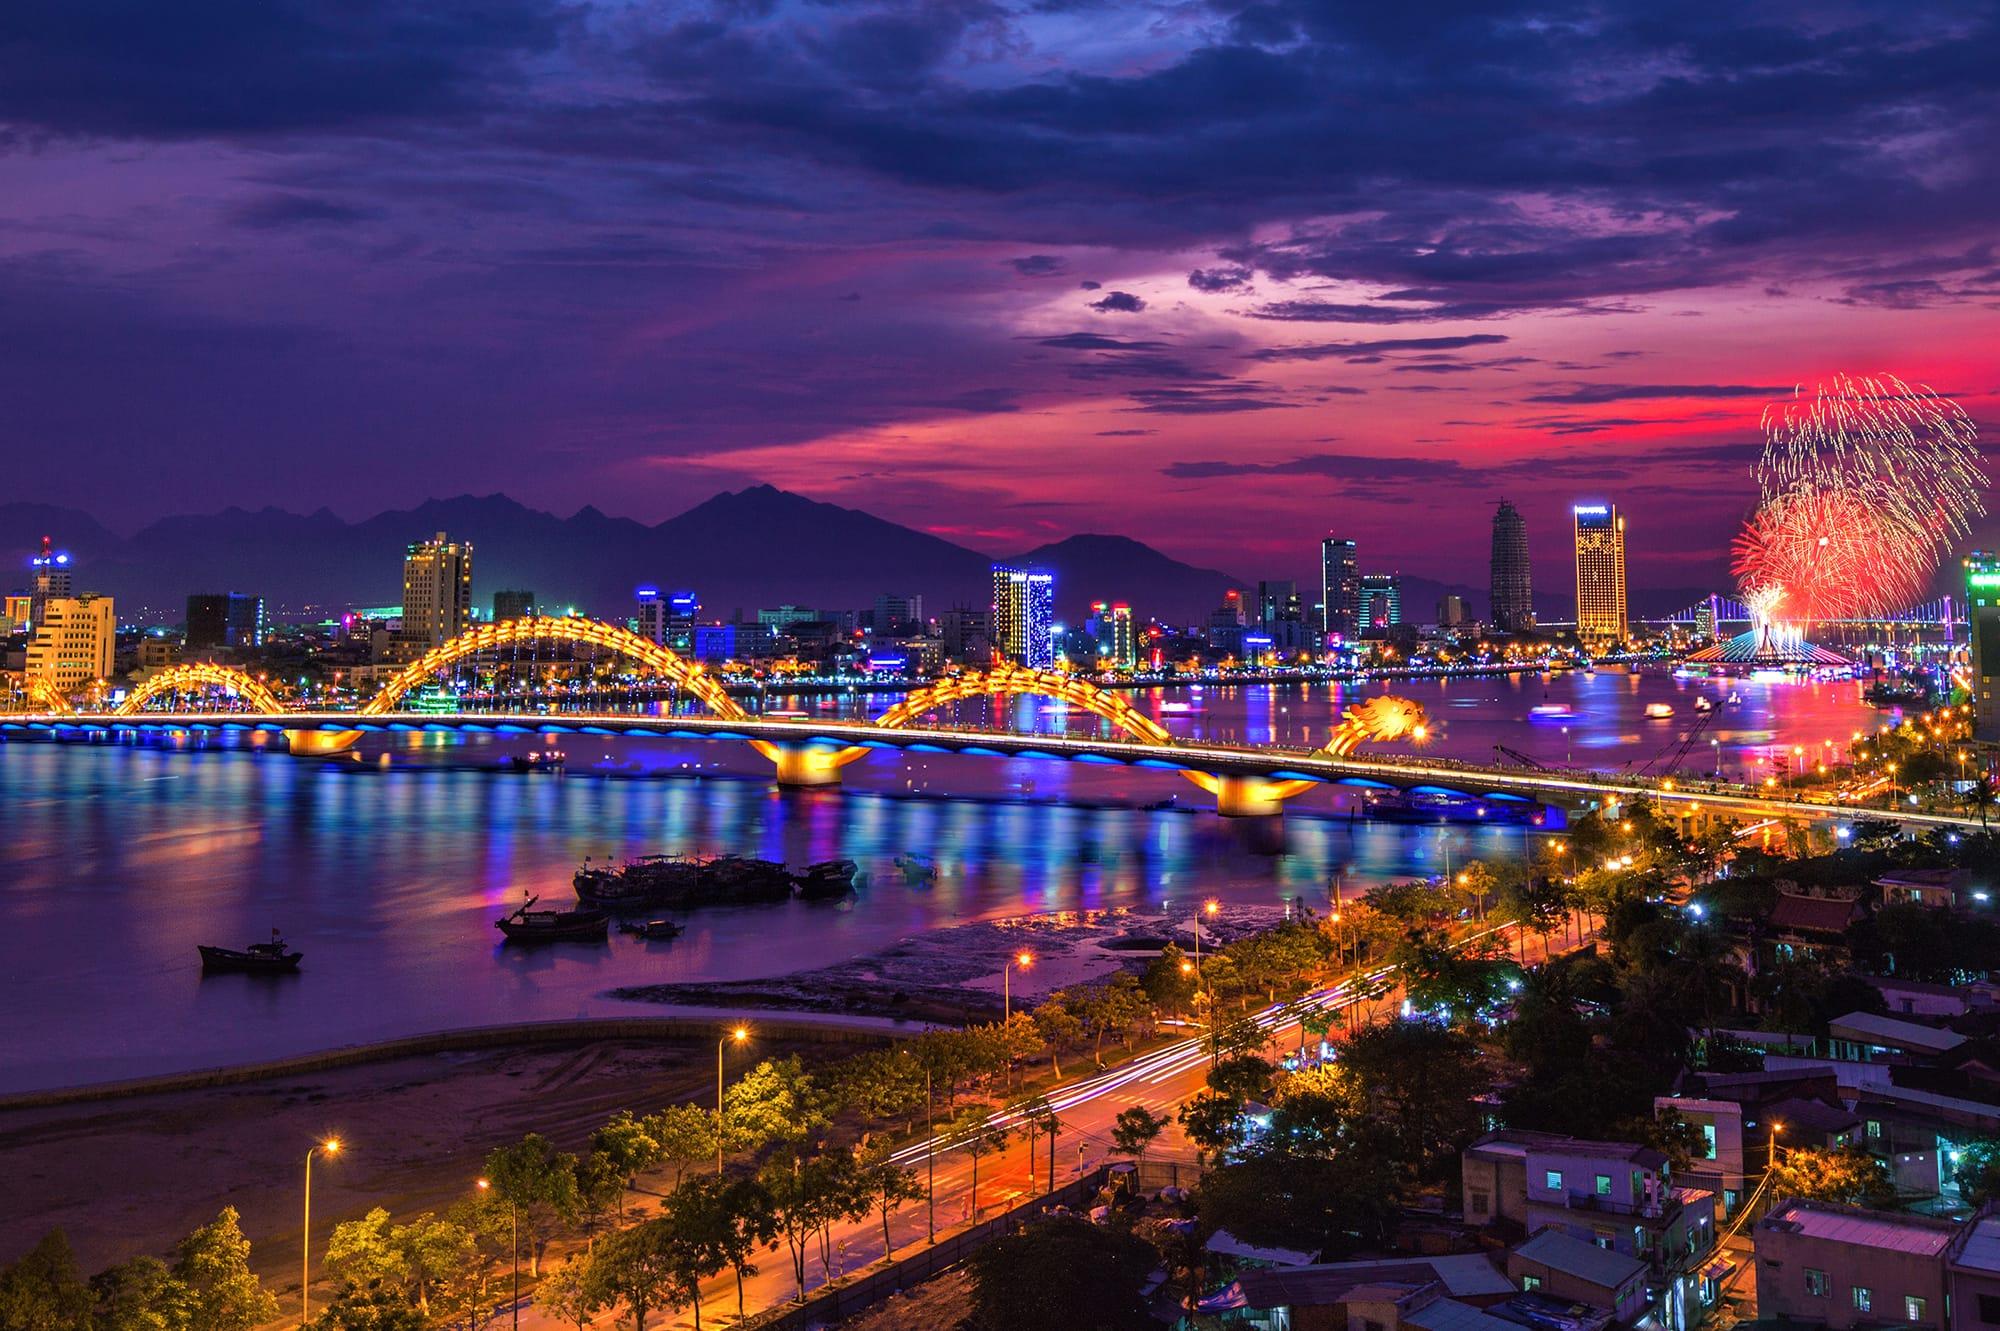 Tour cần Thơ - Đà Nẵng